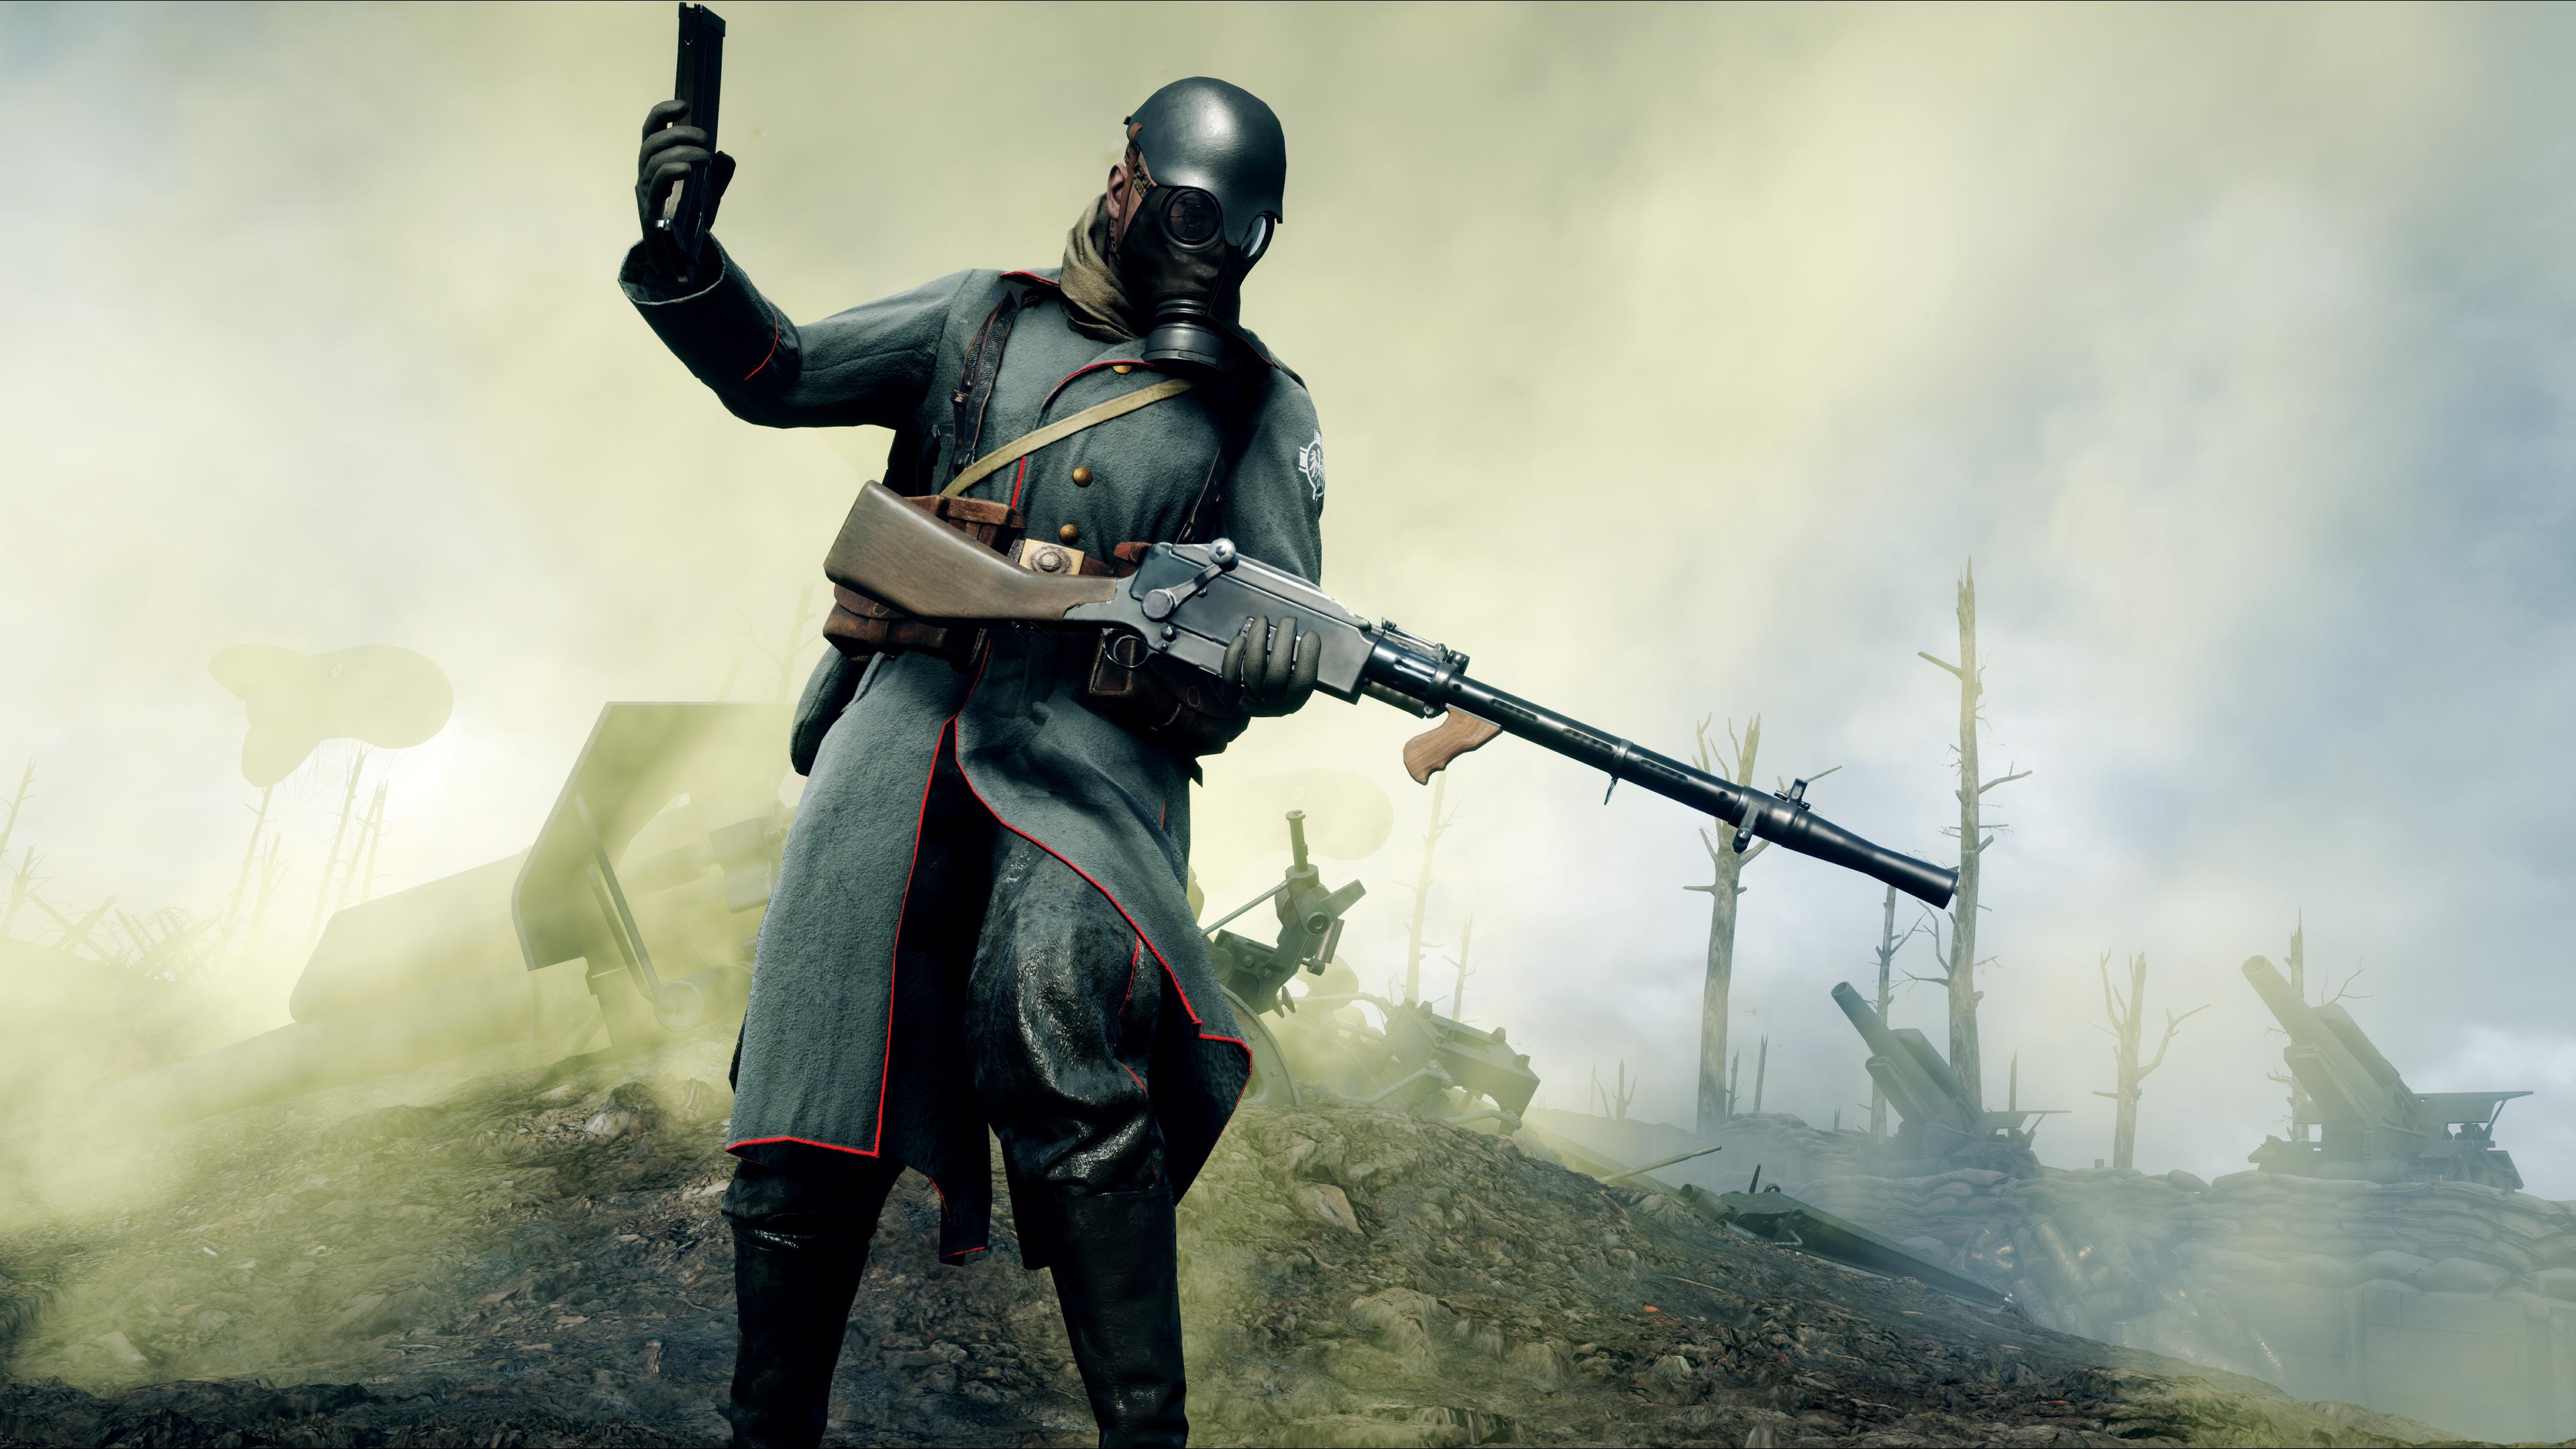 3840x2160 Battlefield 1 5k 4k HD 4k Wallpapers, Images ...